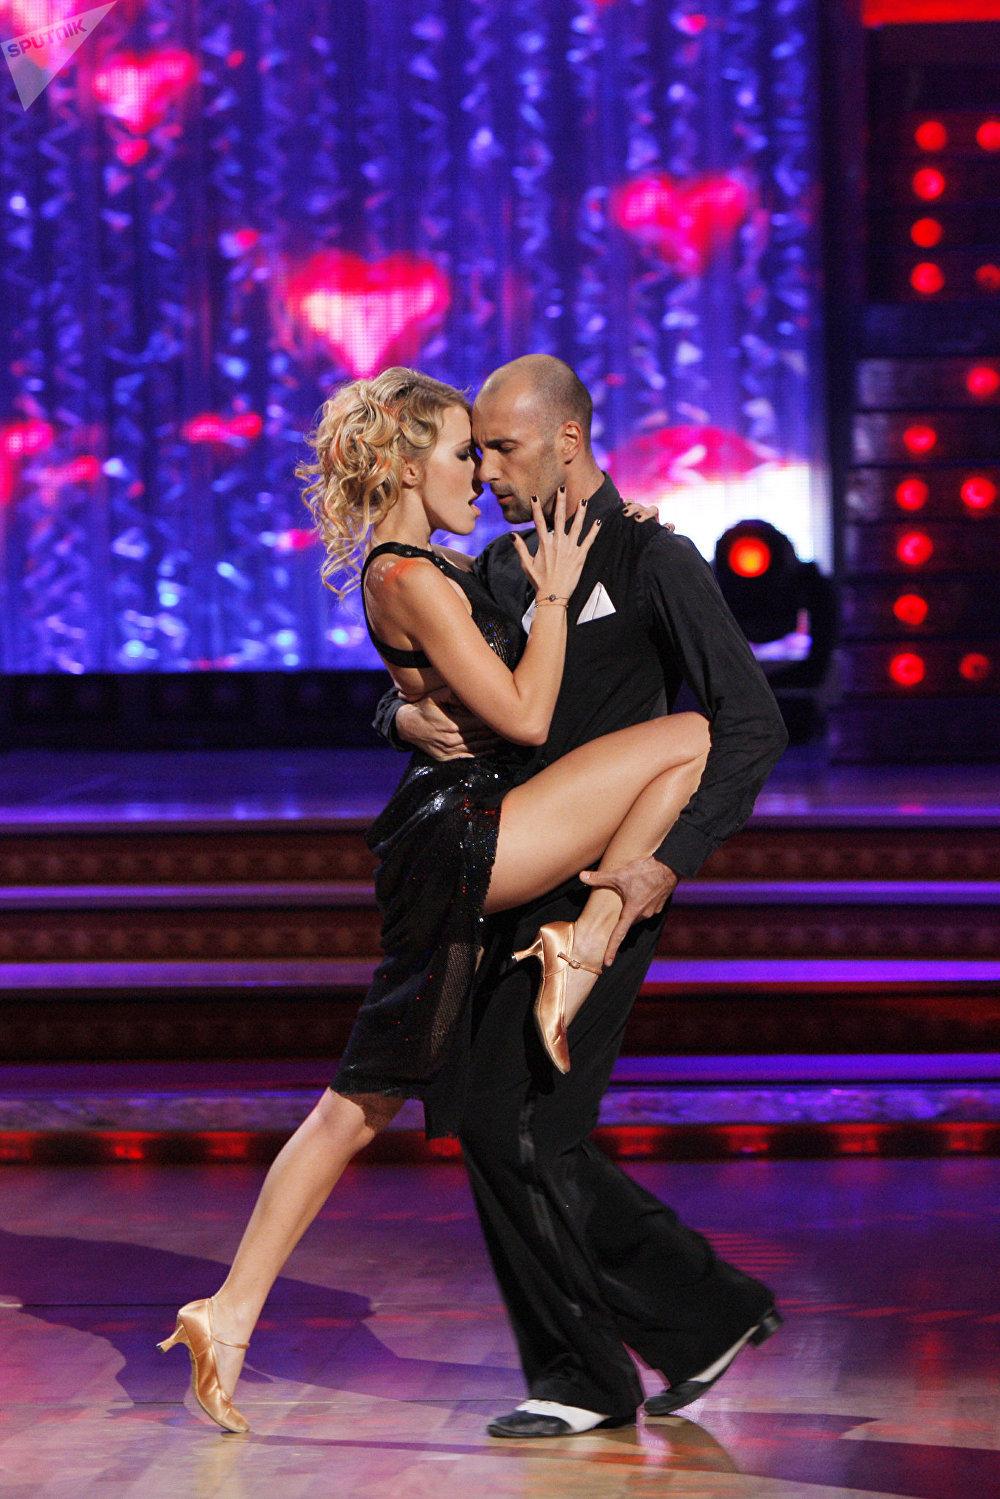 La presentadora Ksenia Sobchak con el bailarín Evgueni Papunaishvili durante el proyecto 'Bailando con las estrellas'